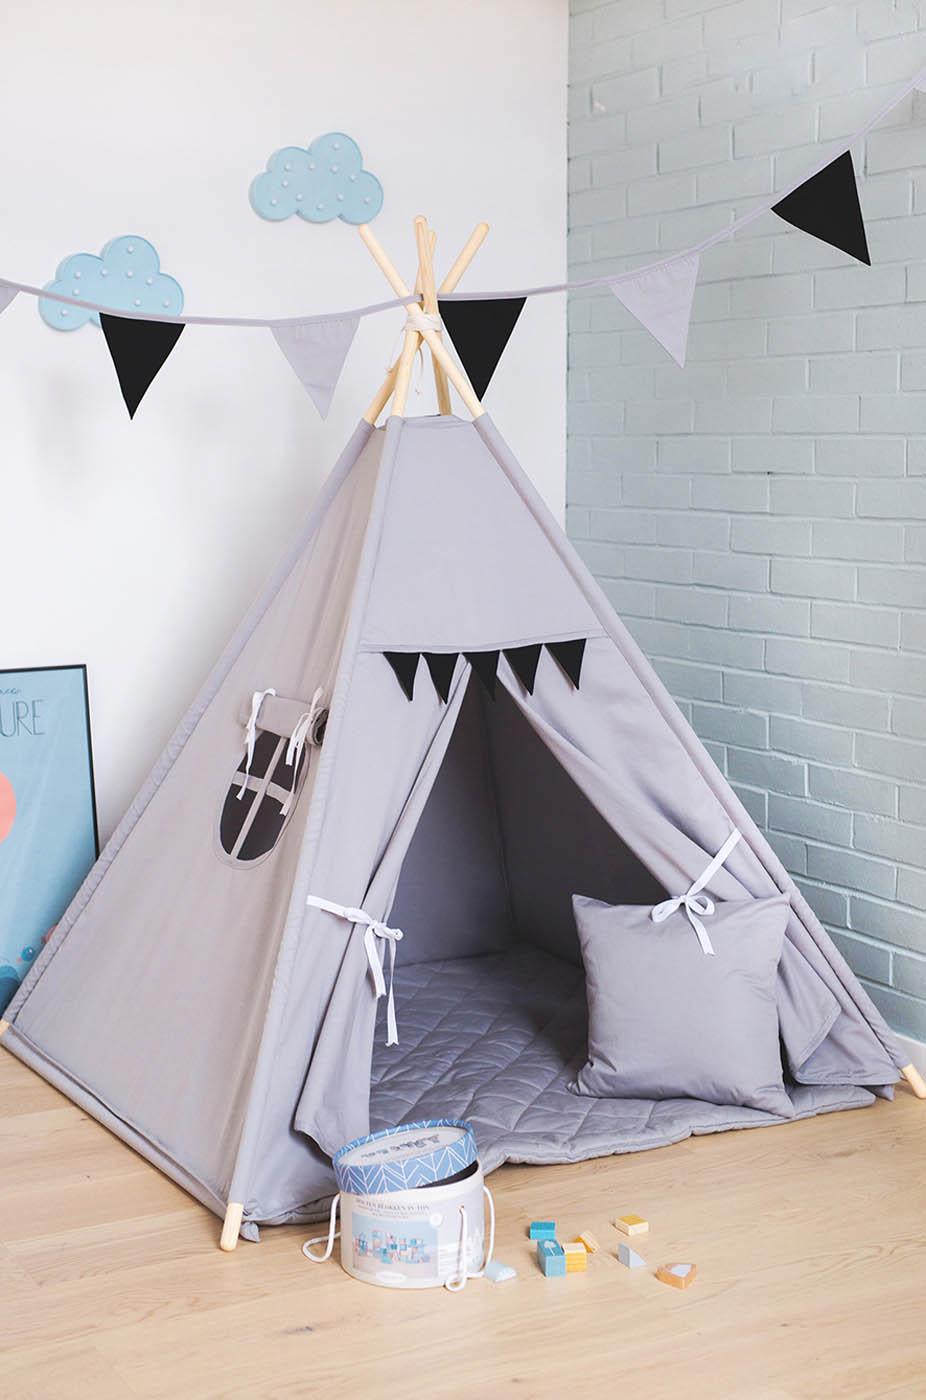 Szary namiot tipi dla dziecka z czarnymi proporczykami